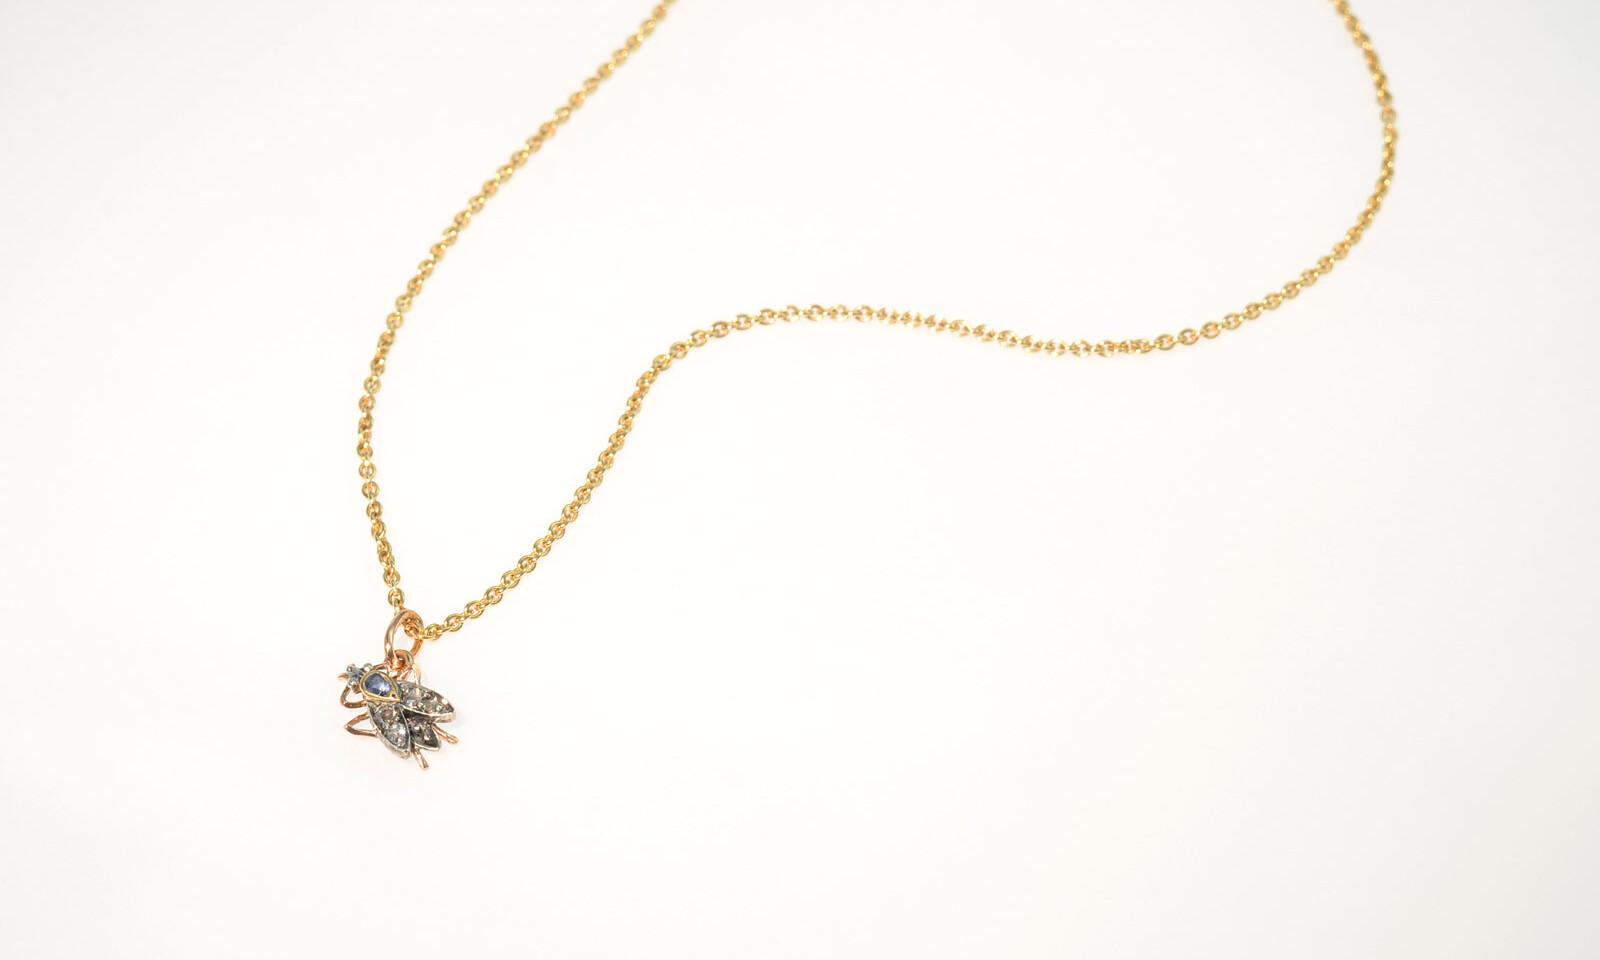 Anhaenger fliege. Anhänger in Form einer Fliege, Paris um 1850, Silber und Roségold mit Safir und 4 Diamanten im Rosenschliff, CHF 980.- / Kette Roségold 750 Anker 1.3 mm, CHF 520.-